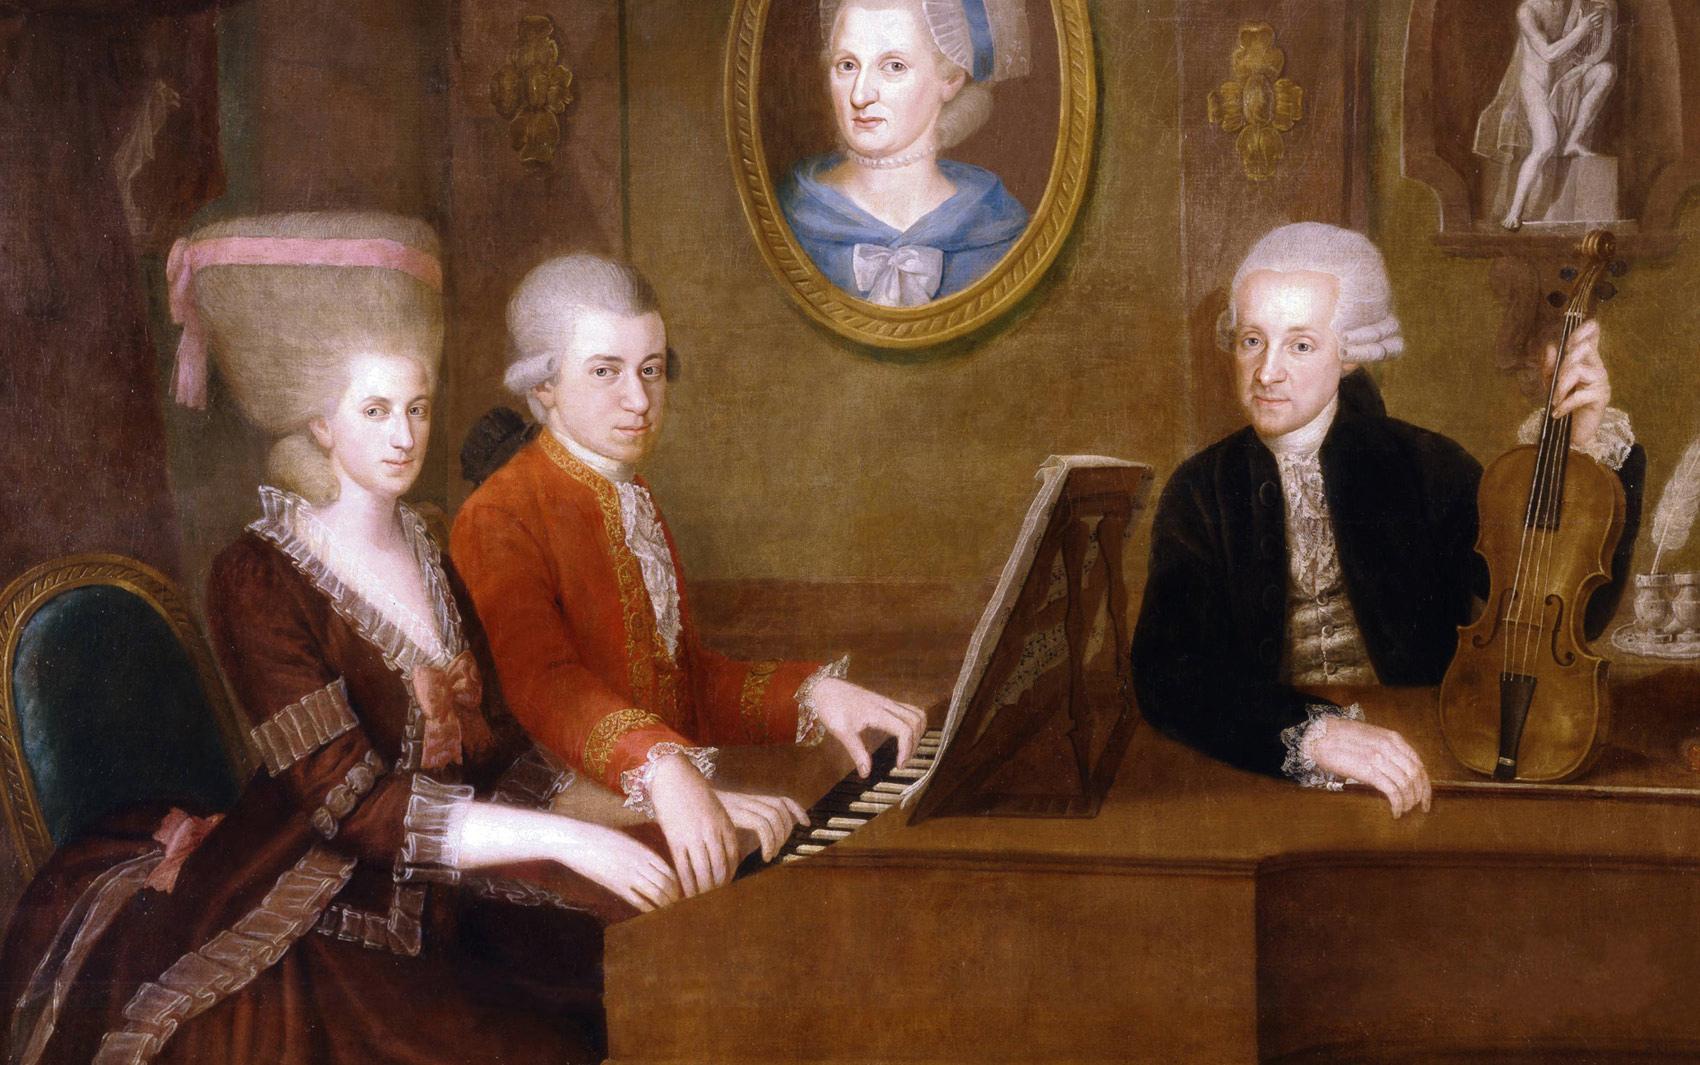 piyano, ilk olarak 1711 yılında Bartolomeo Cristofori tarafından yapıldı.